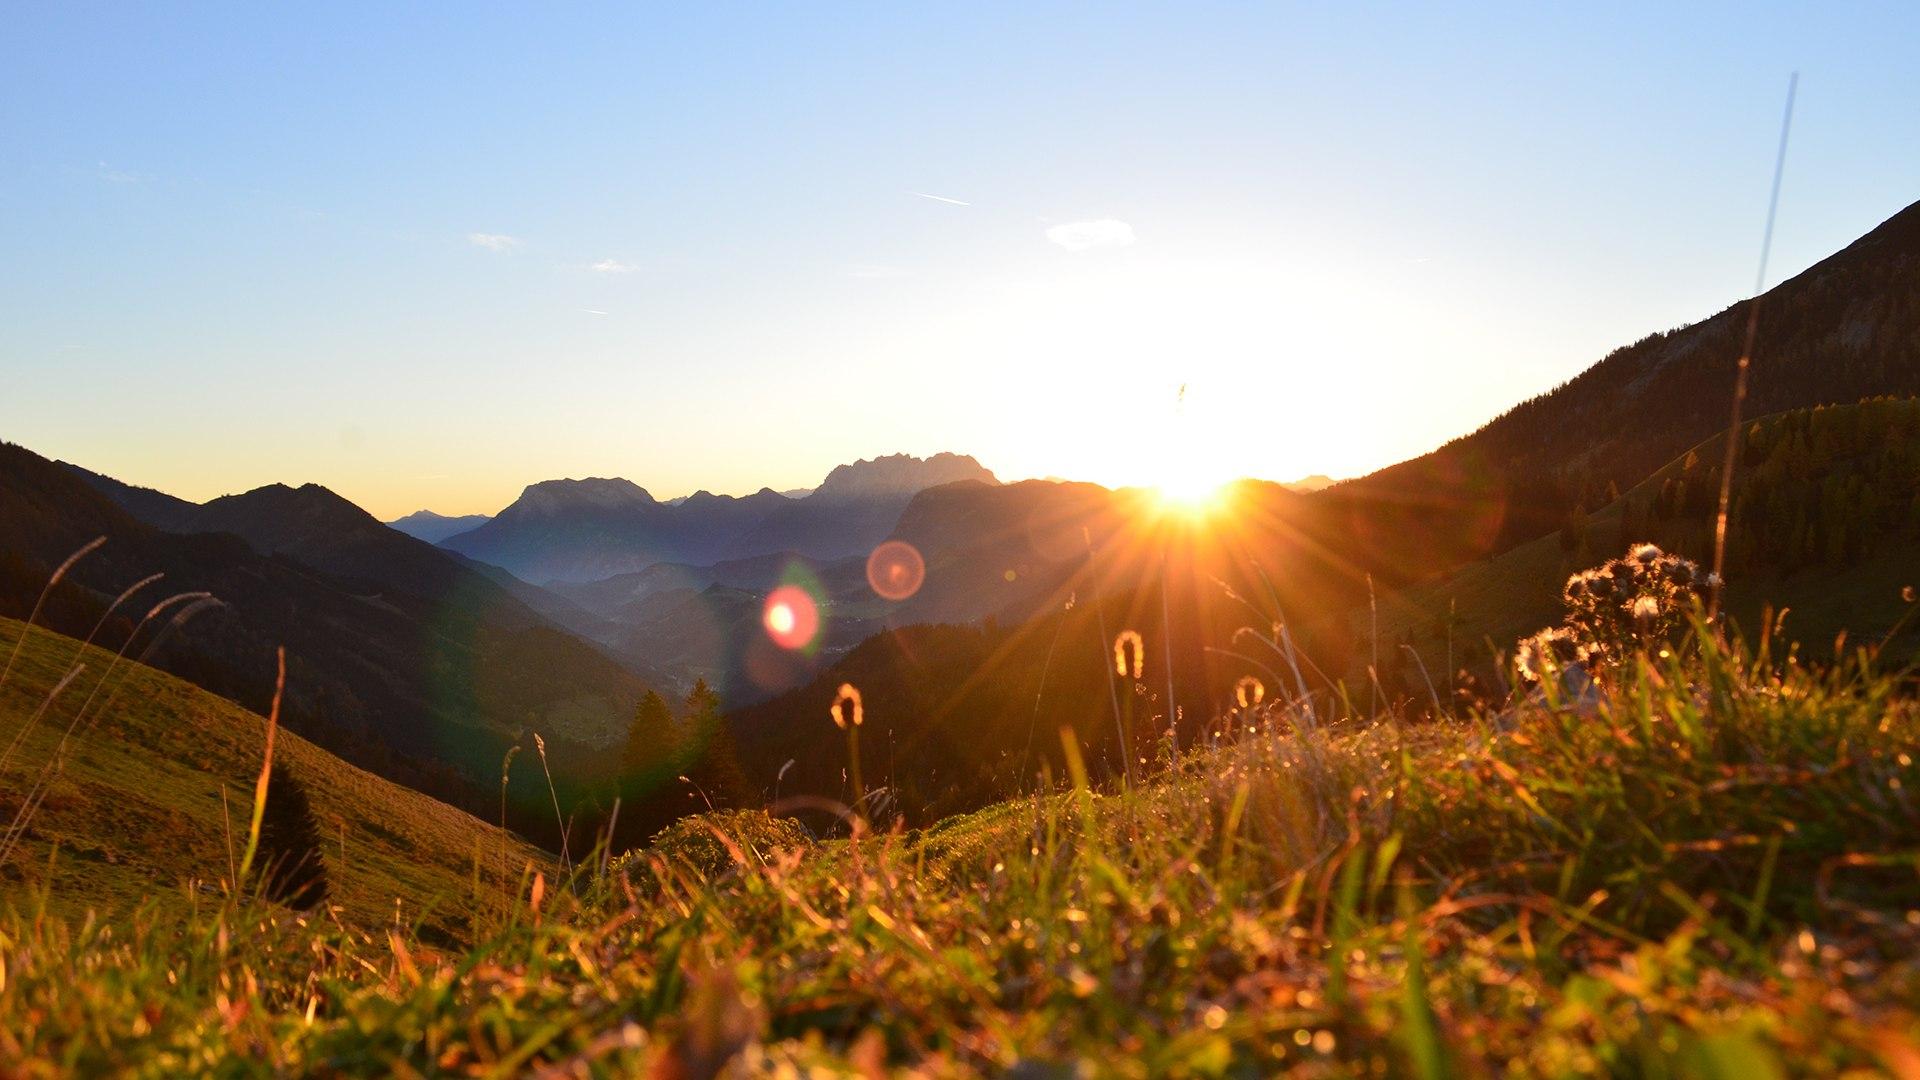 Sonnenaufgang Sudelfeld Bayrischzell, © Florian Liebenstein